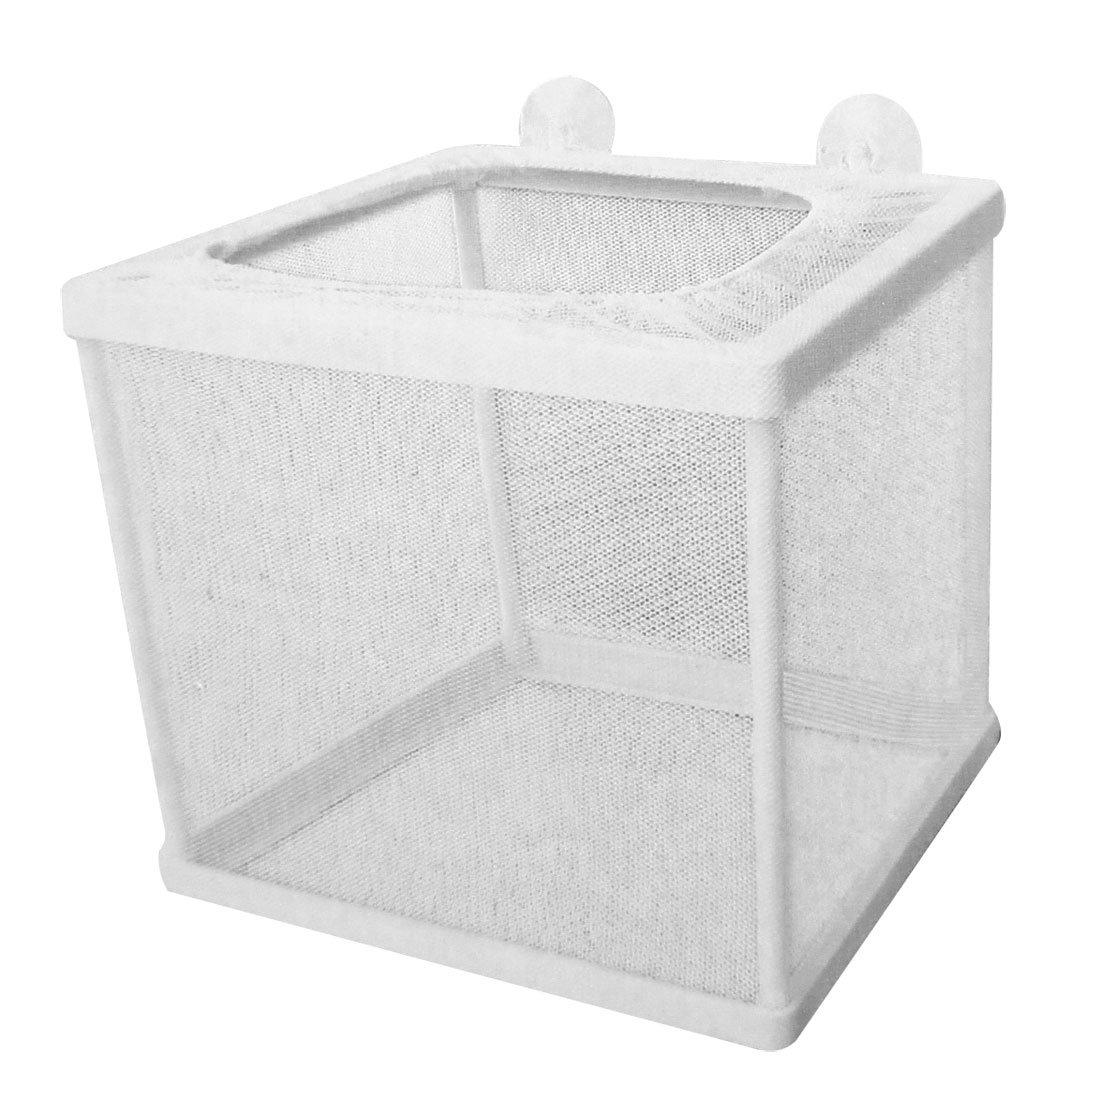 Sourcingmap Pondoir avec filet pour aquarium Plastique Blanc a12032600ux0748